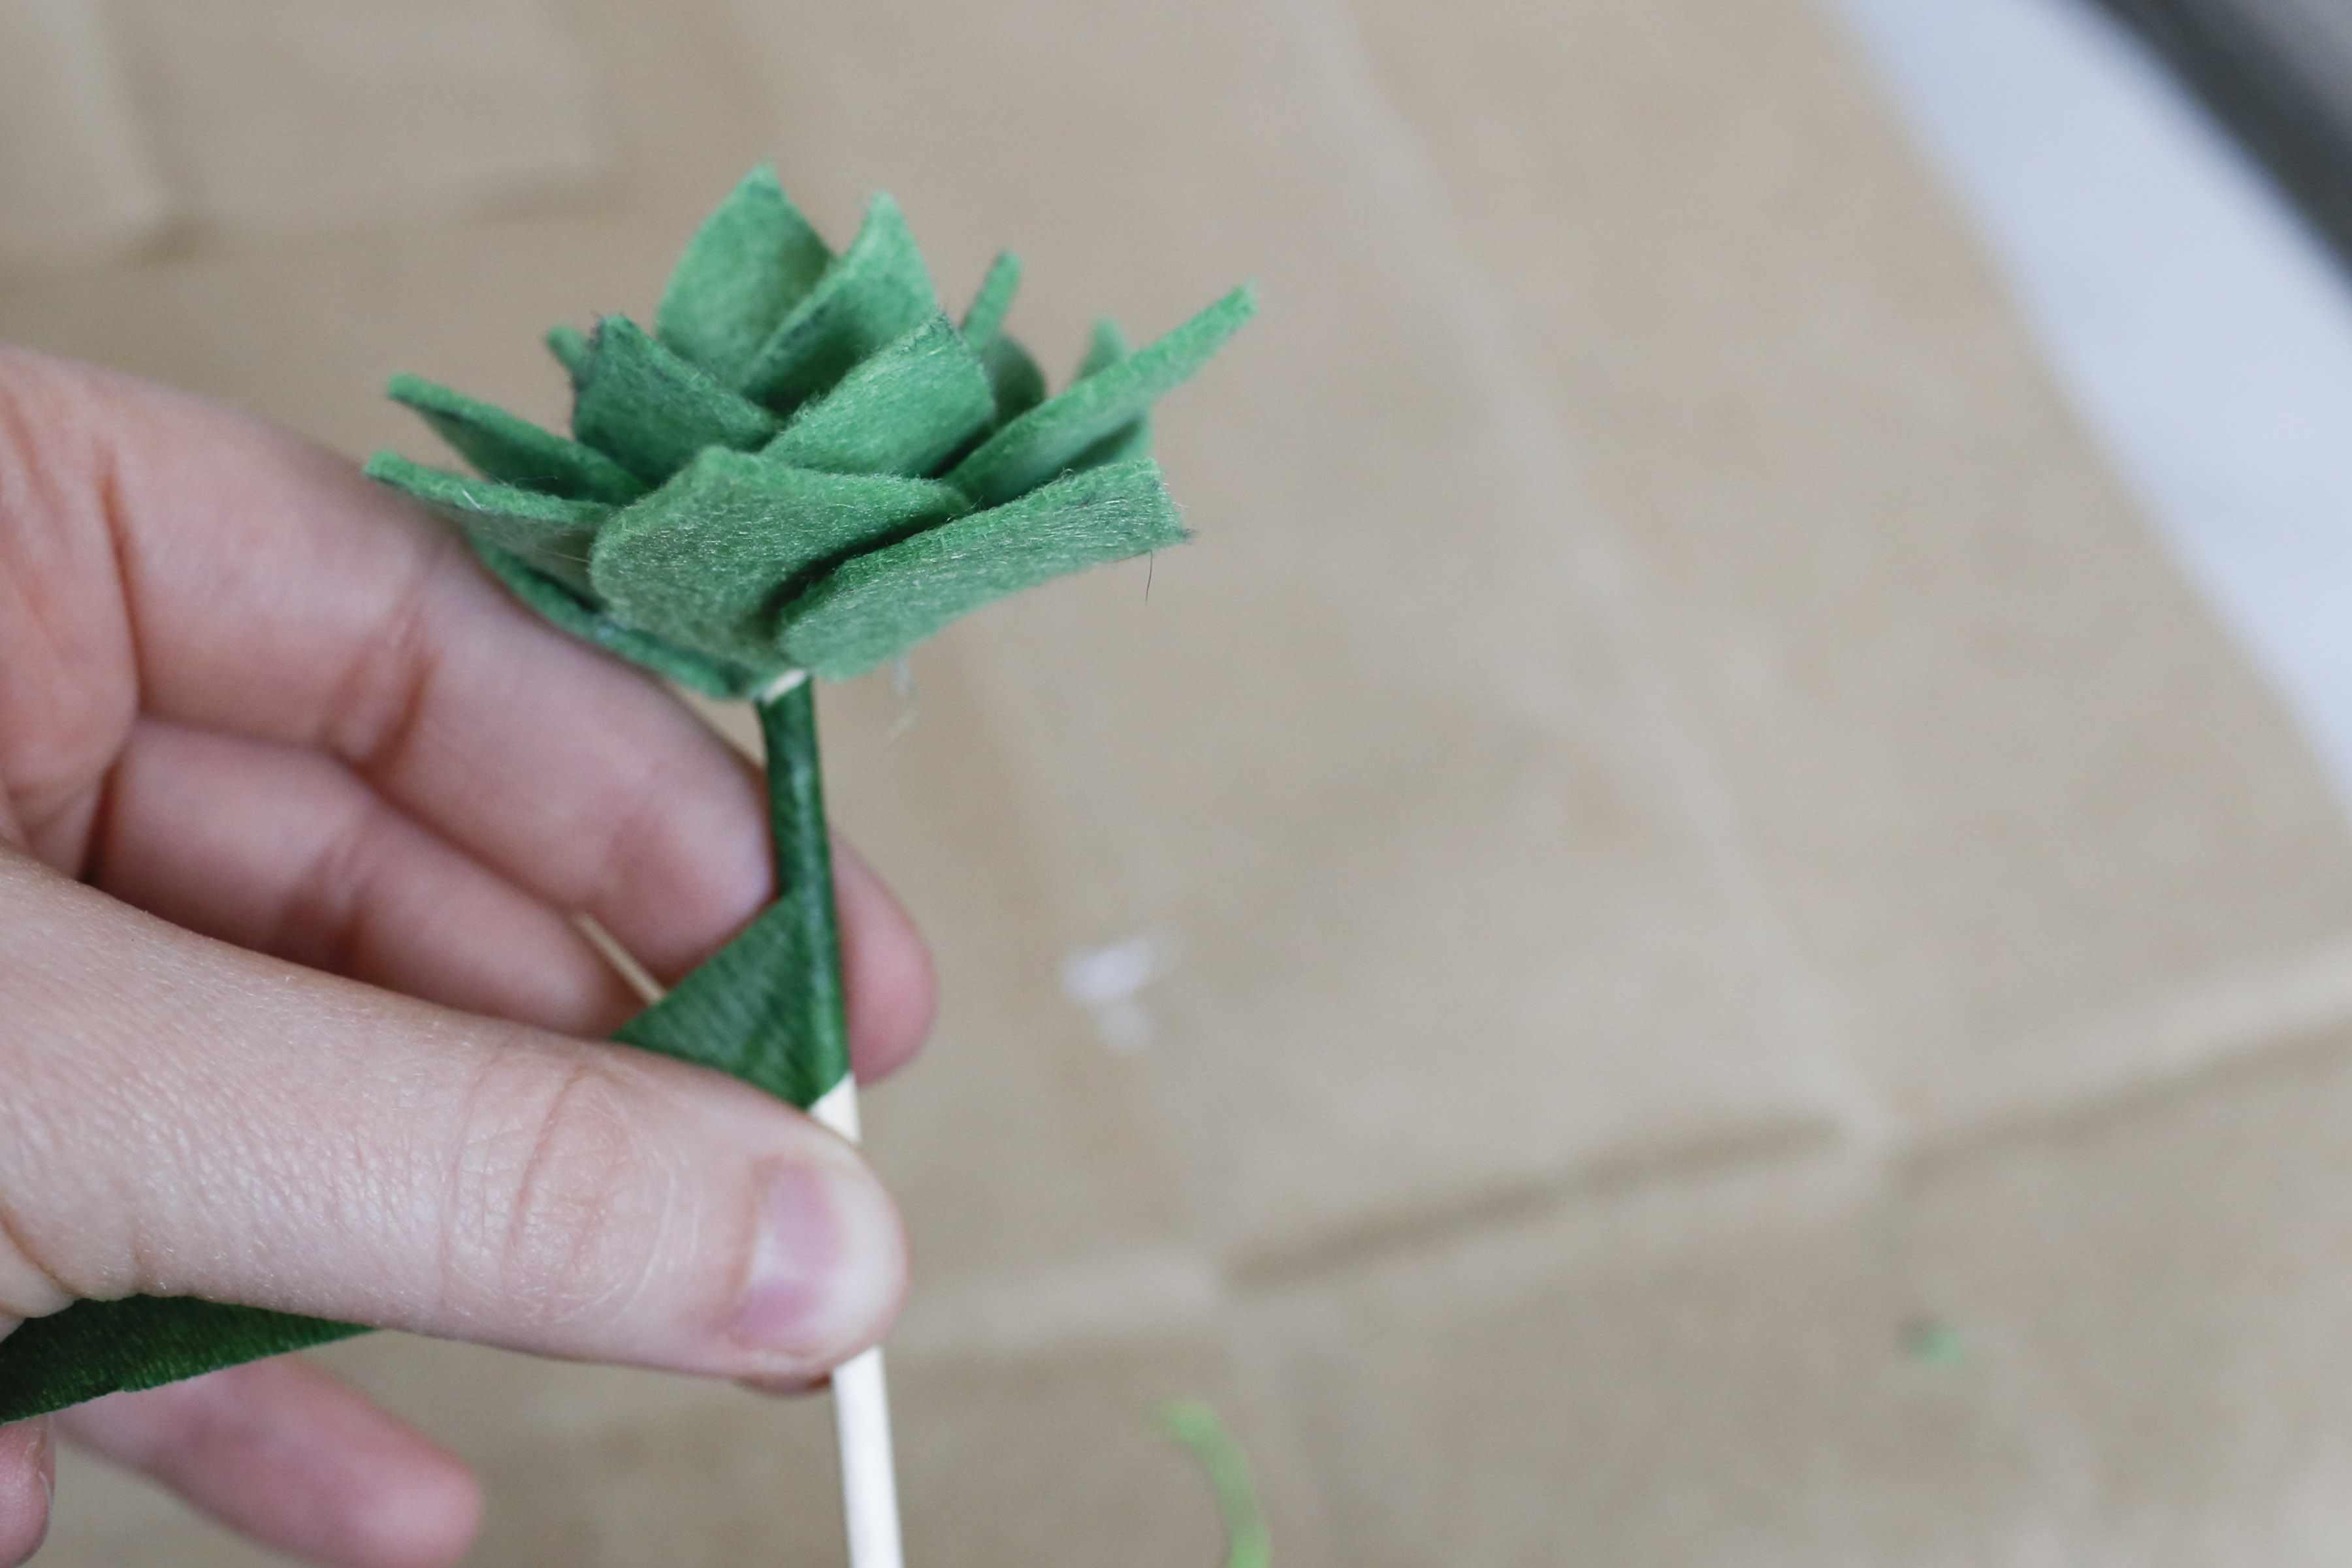 Wrap the succulent stem